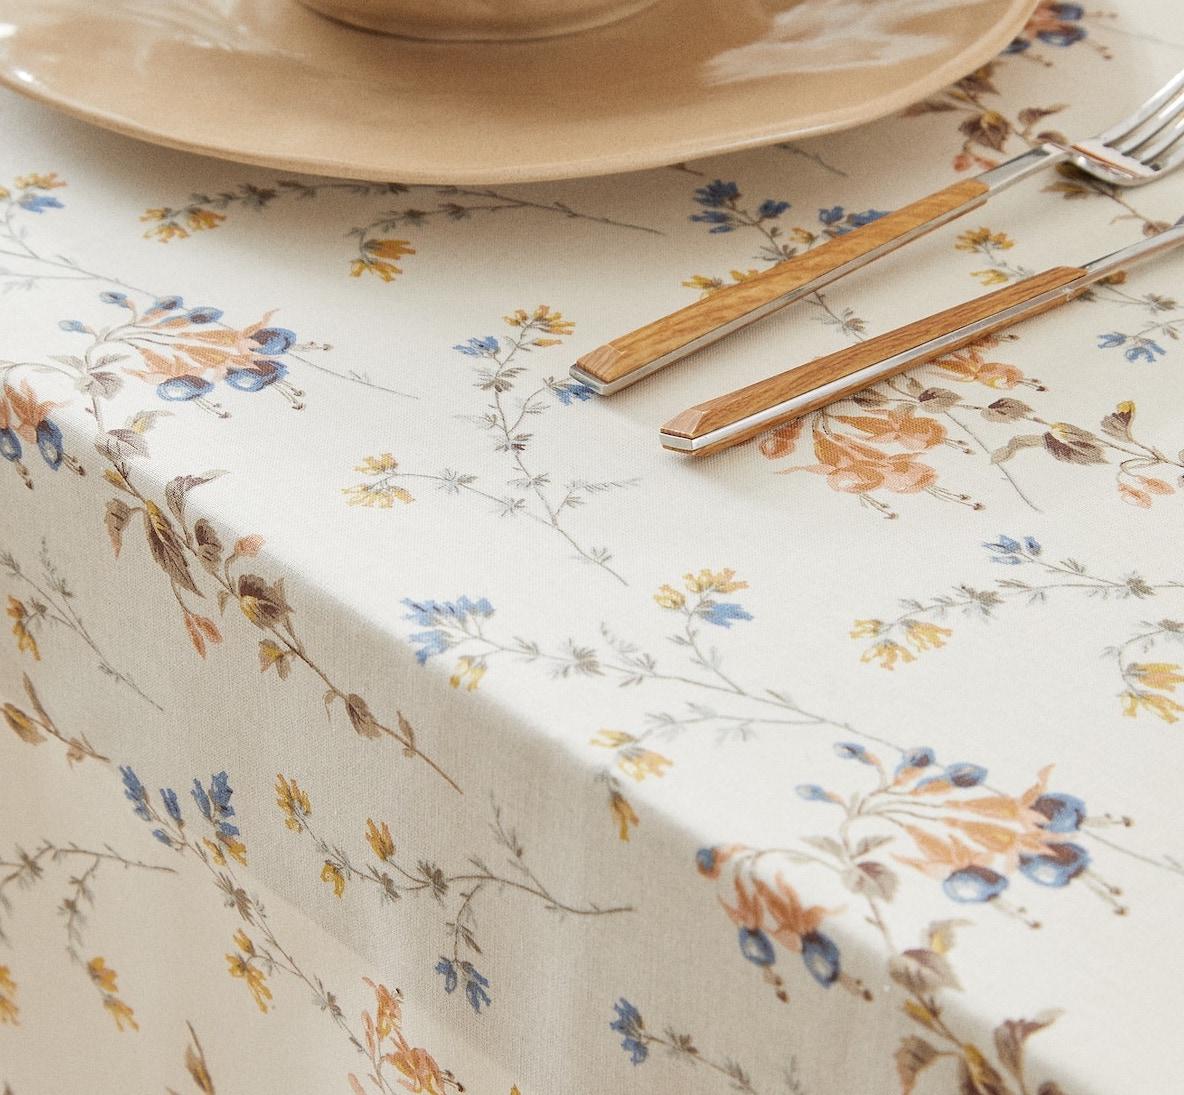 Zara Home Tablecloth $49.90